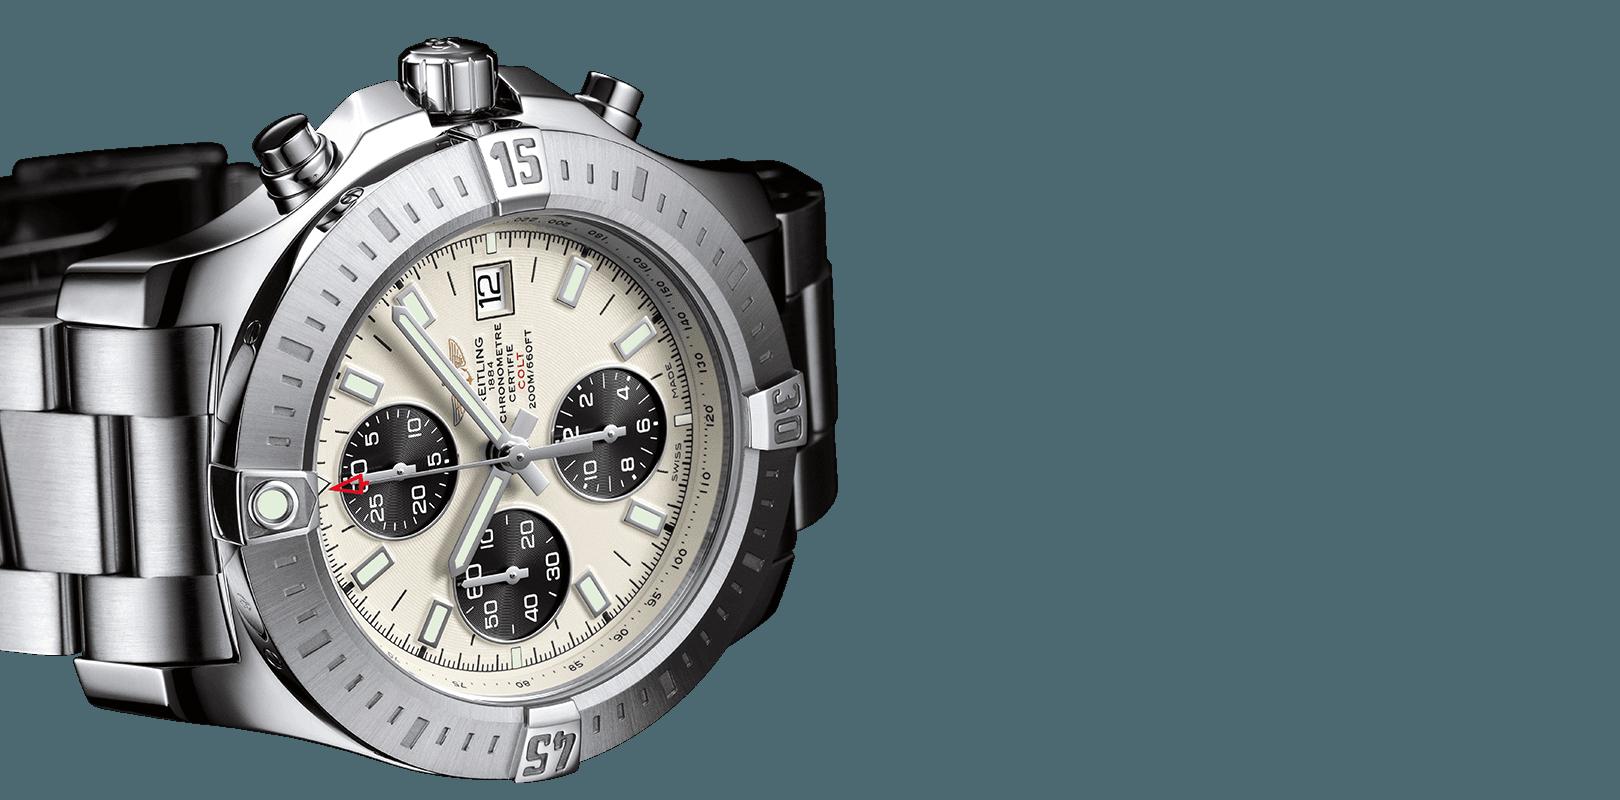 Ist der Besitz von gefälschten Uhren illegal?